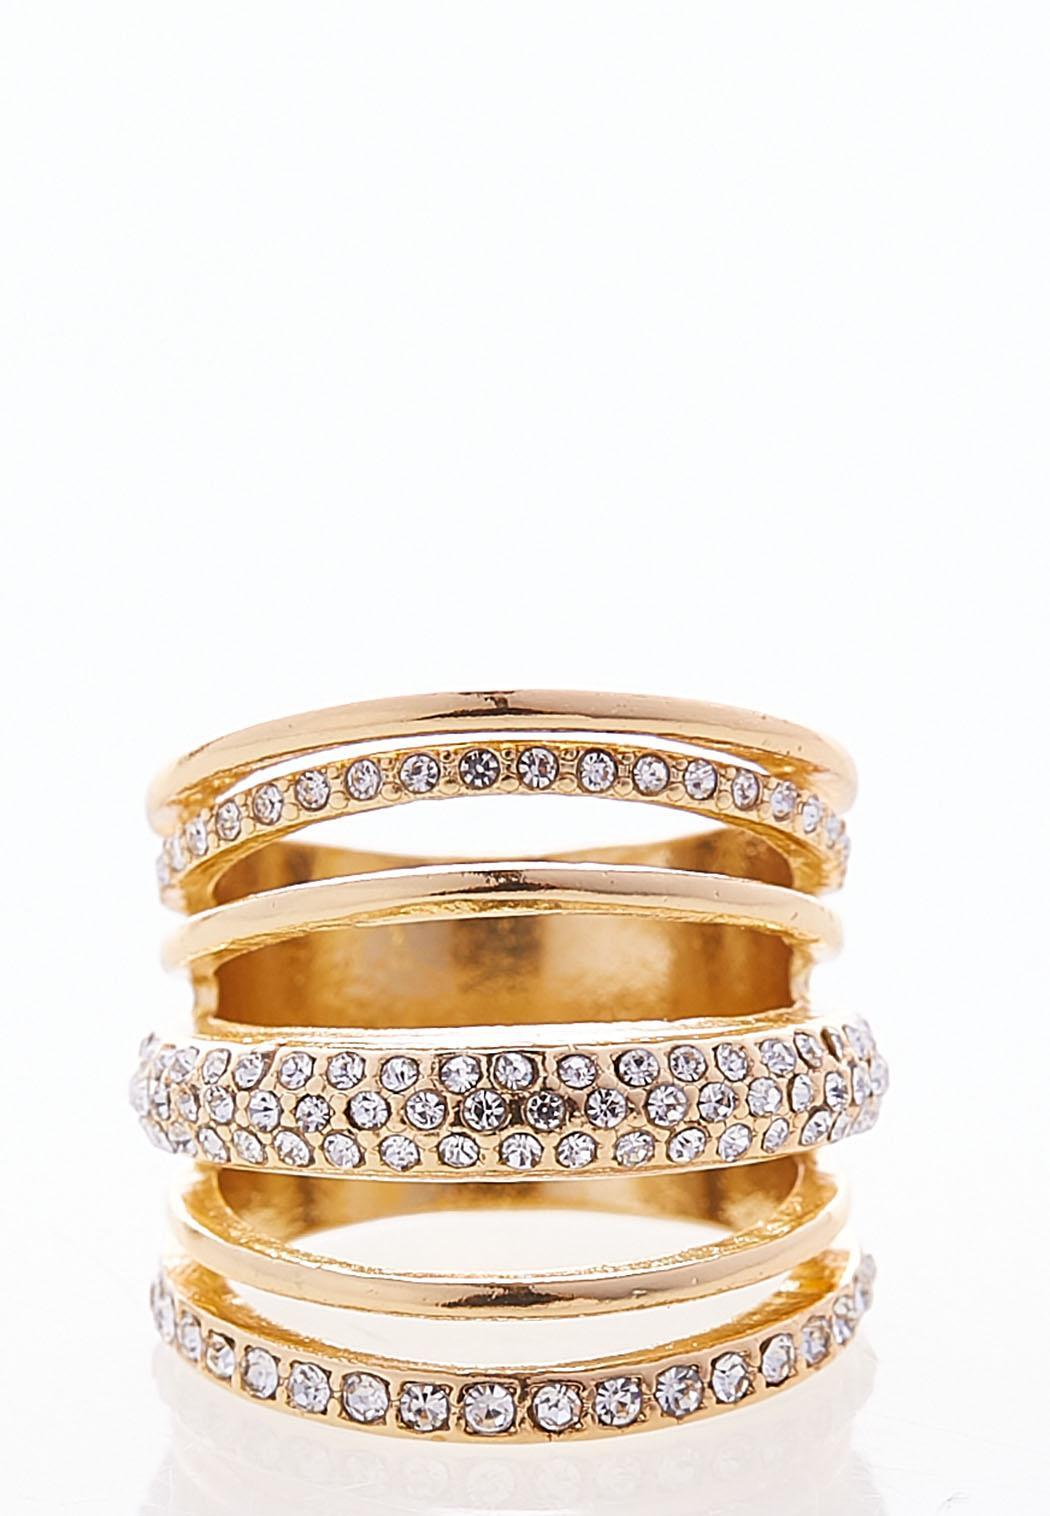 Layered Stone Ring